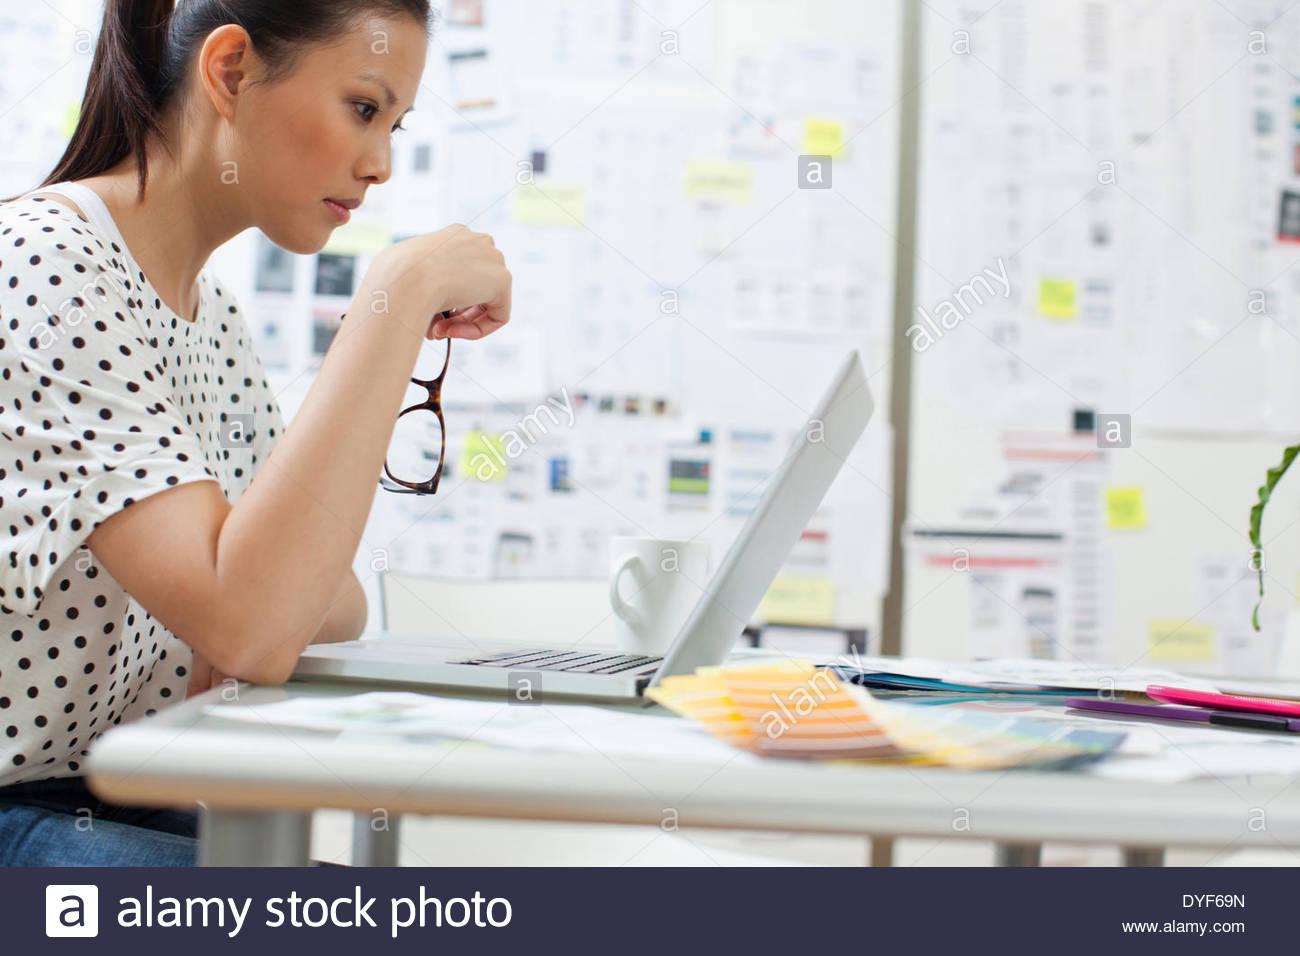 Ernsthafte Geschäftsfrau auf der Suche nach Laptop im Büro Stockbild